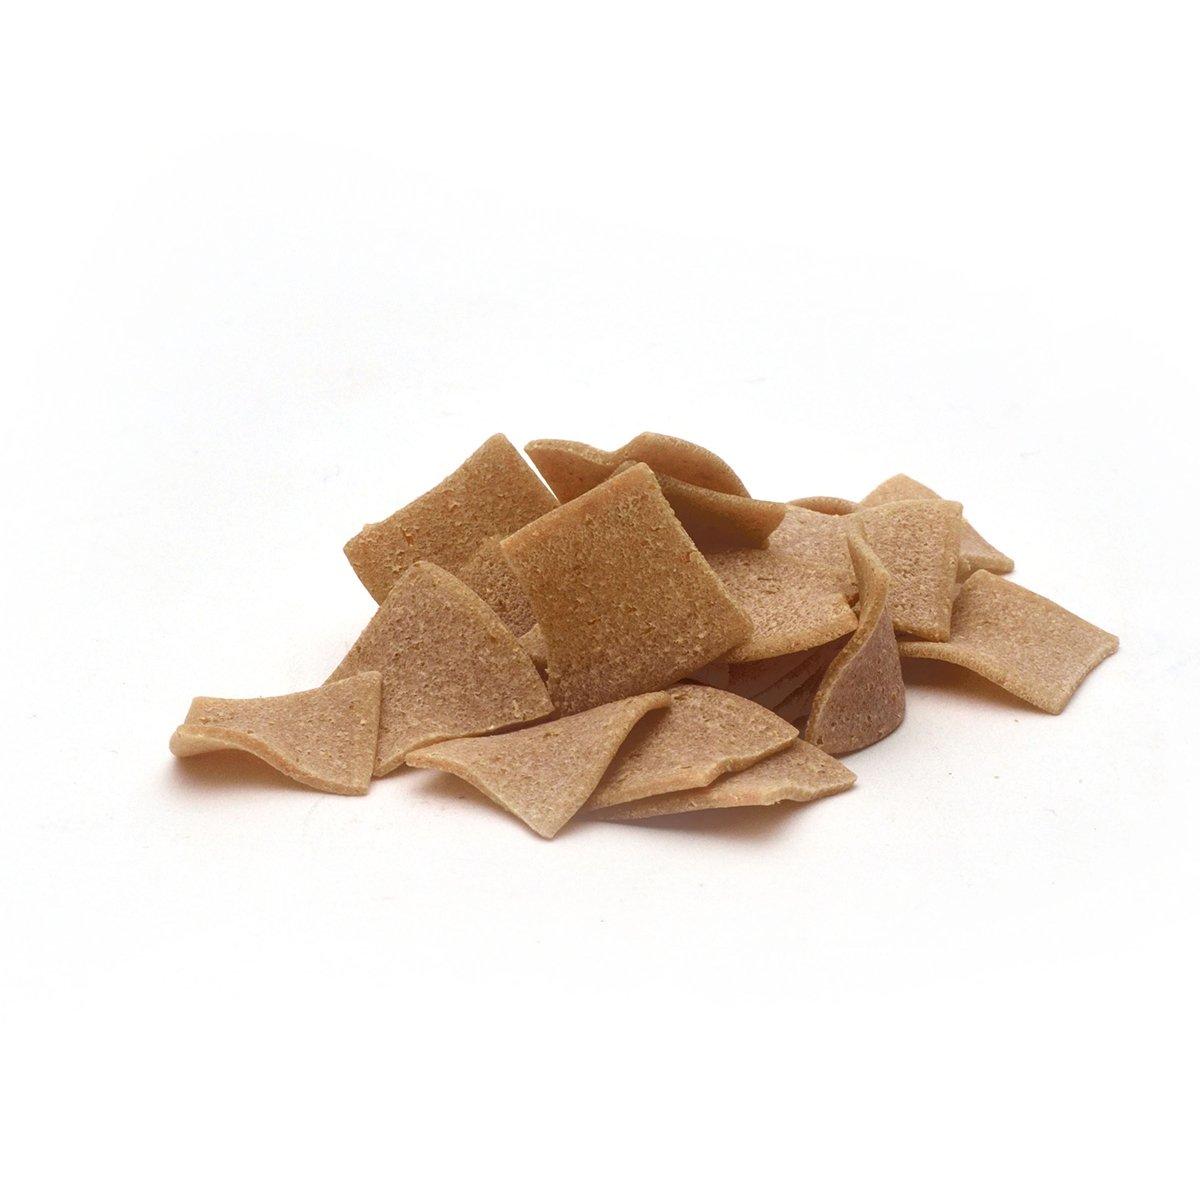 Tacconelle Pasta semola integrale di grano duro Cappelli all'Aloe Vera